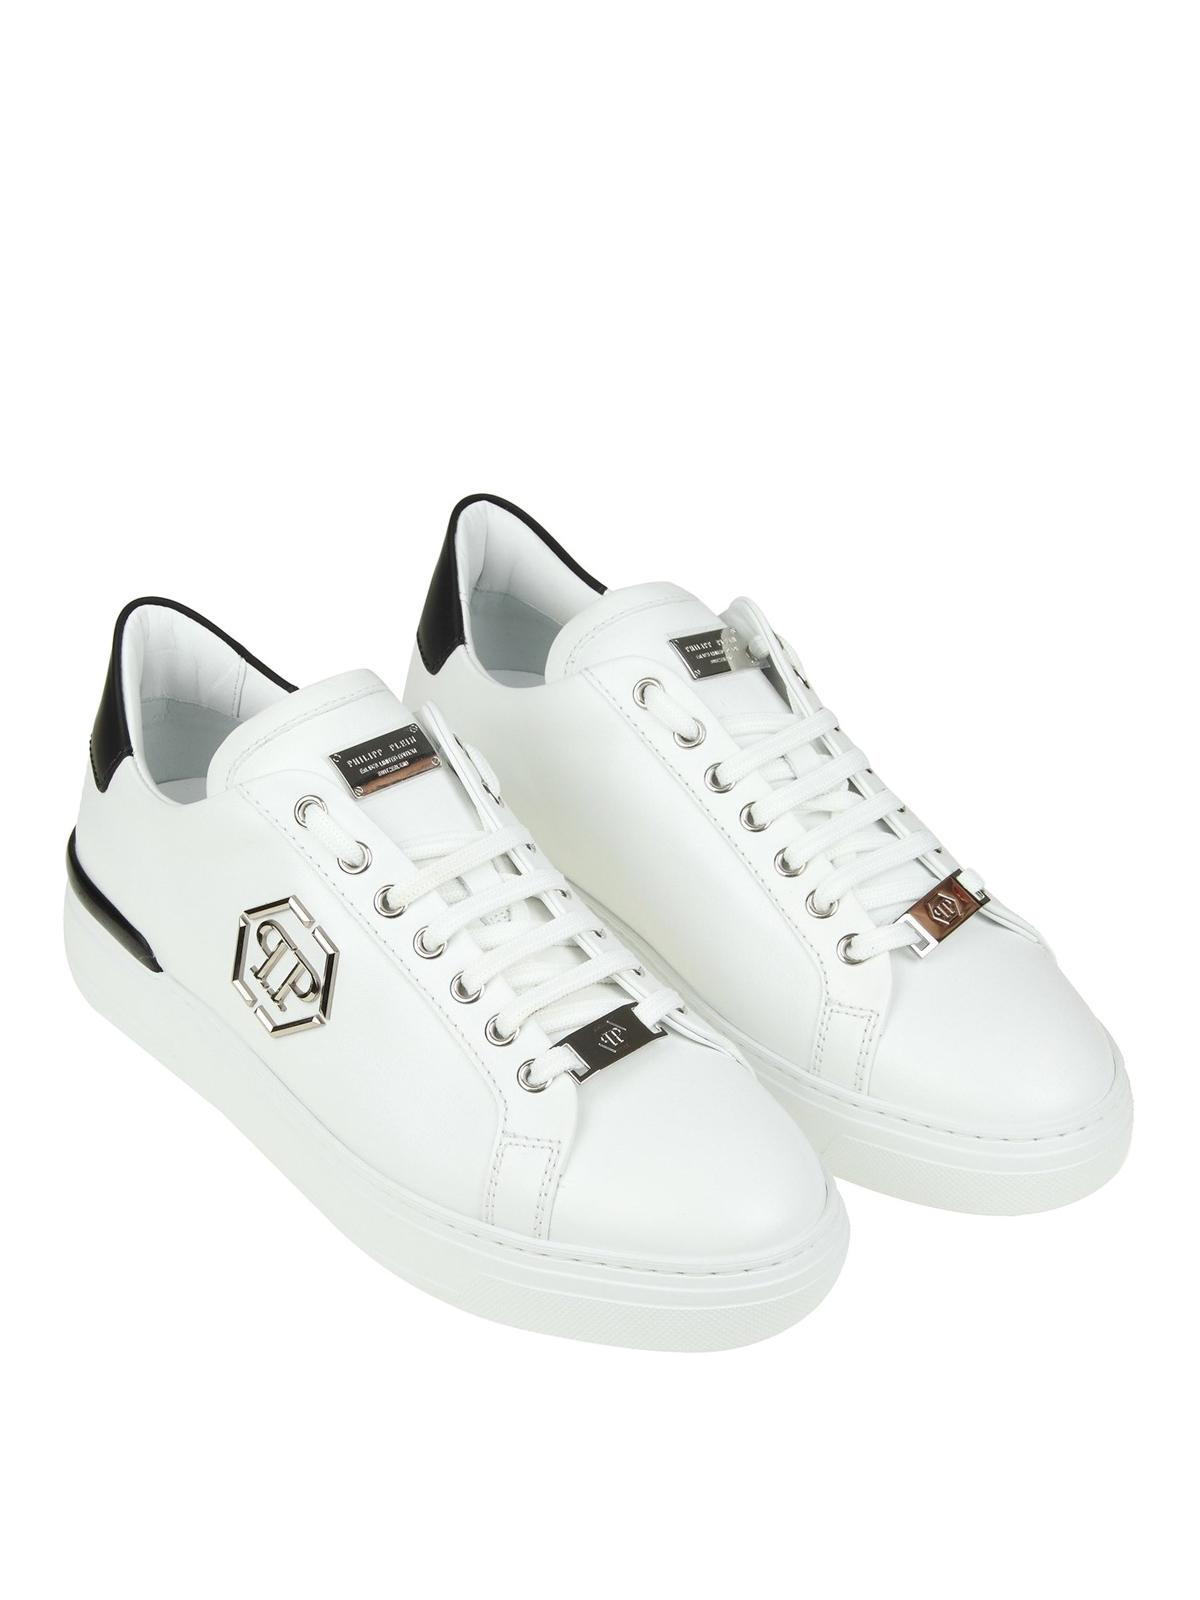 Philipp Plein - Caribou white sneakers